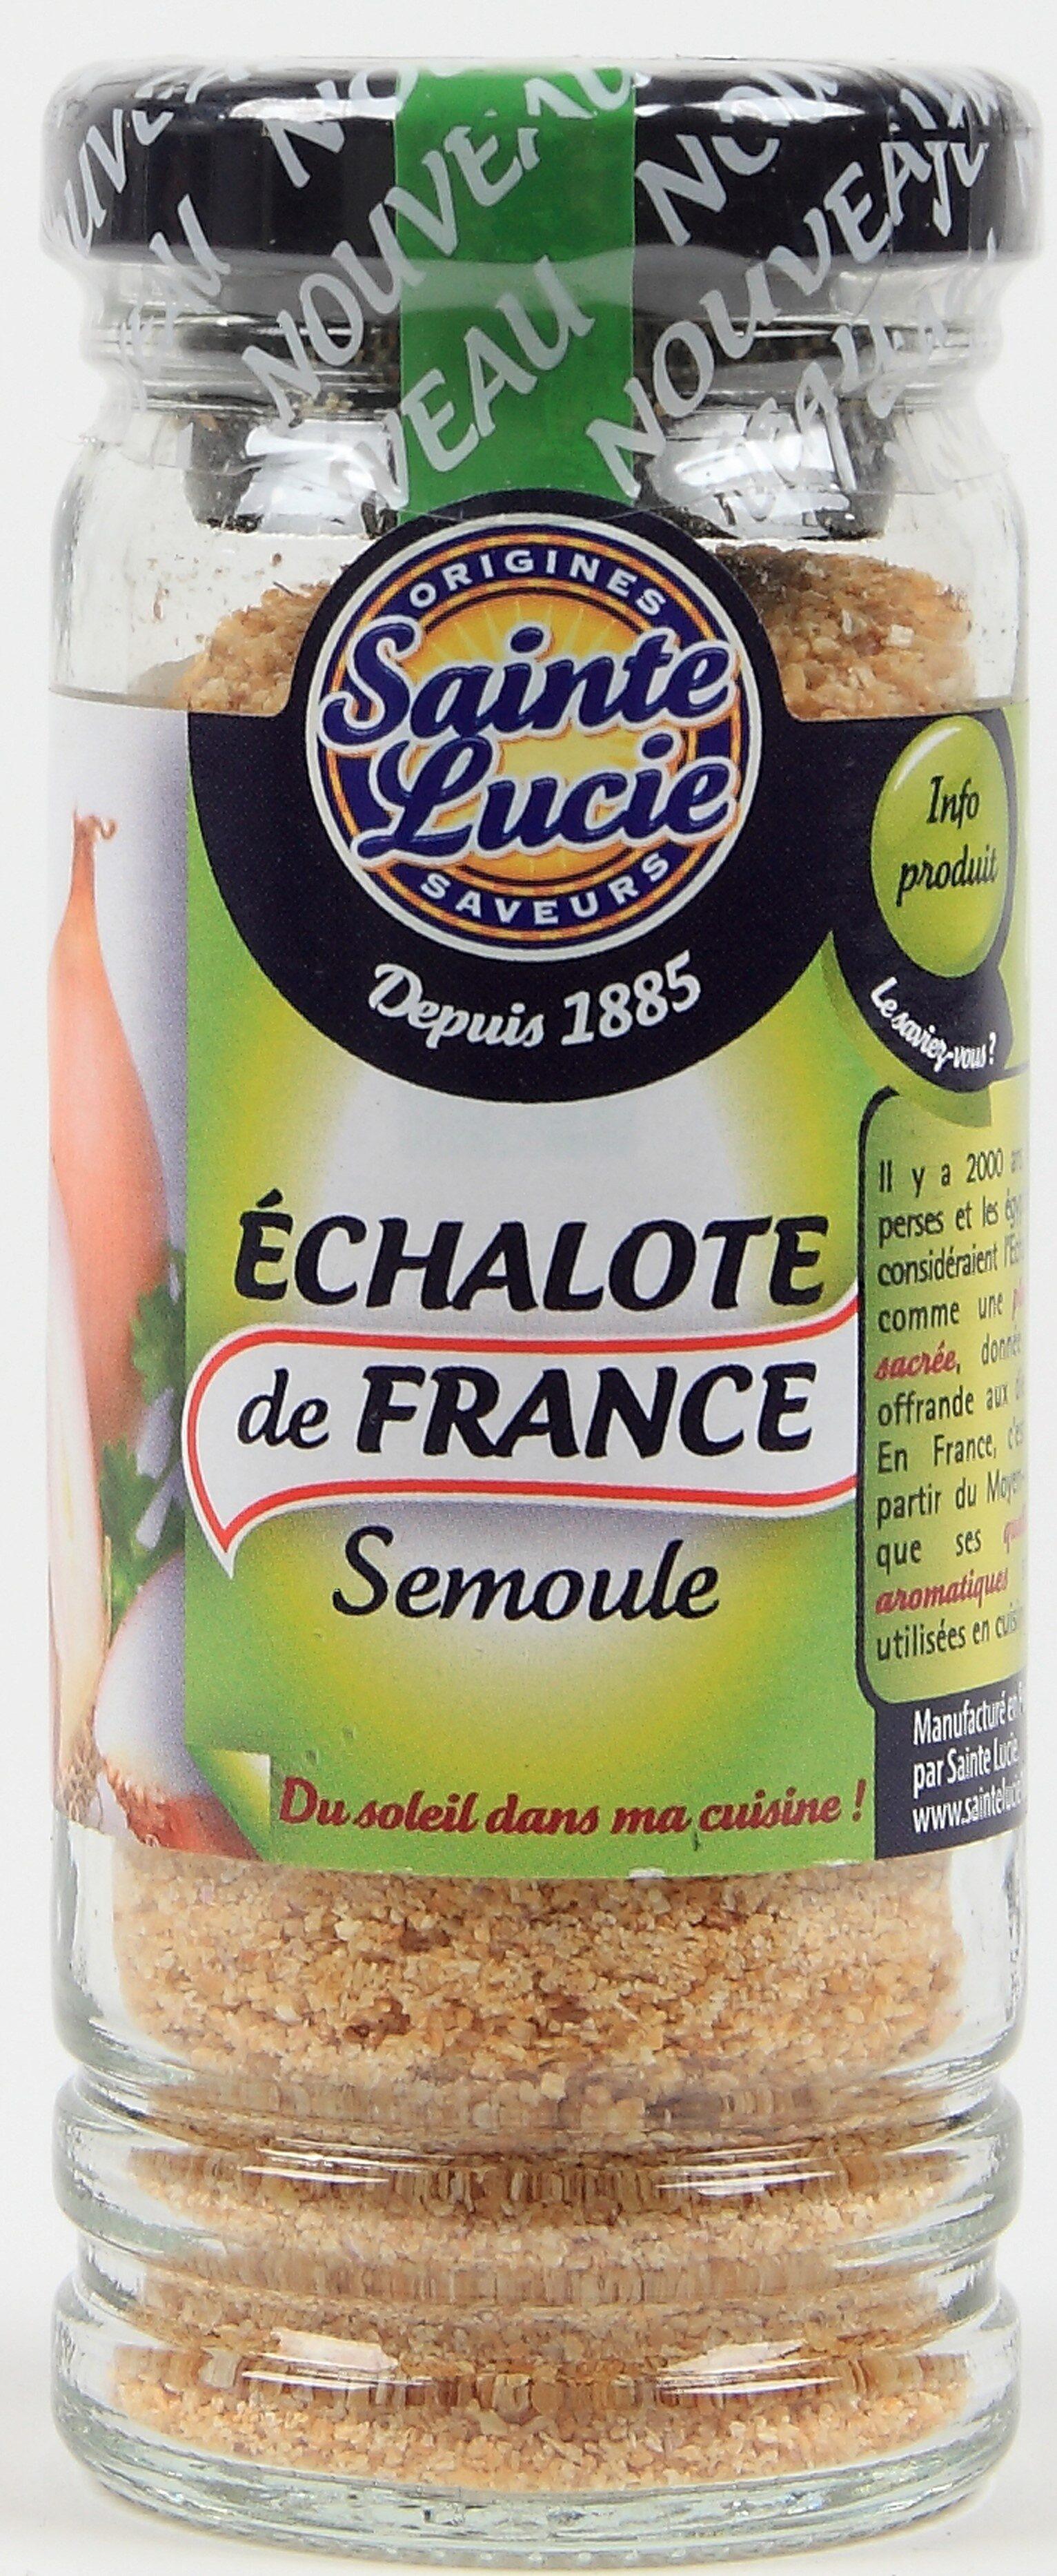 Echalote de France semoule - Product - fr